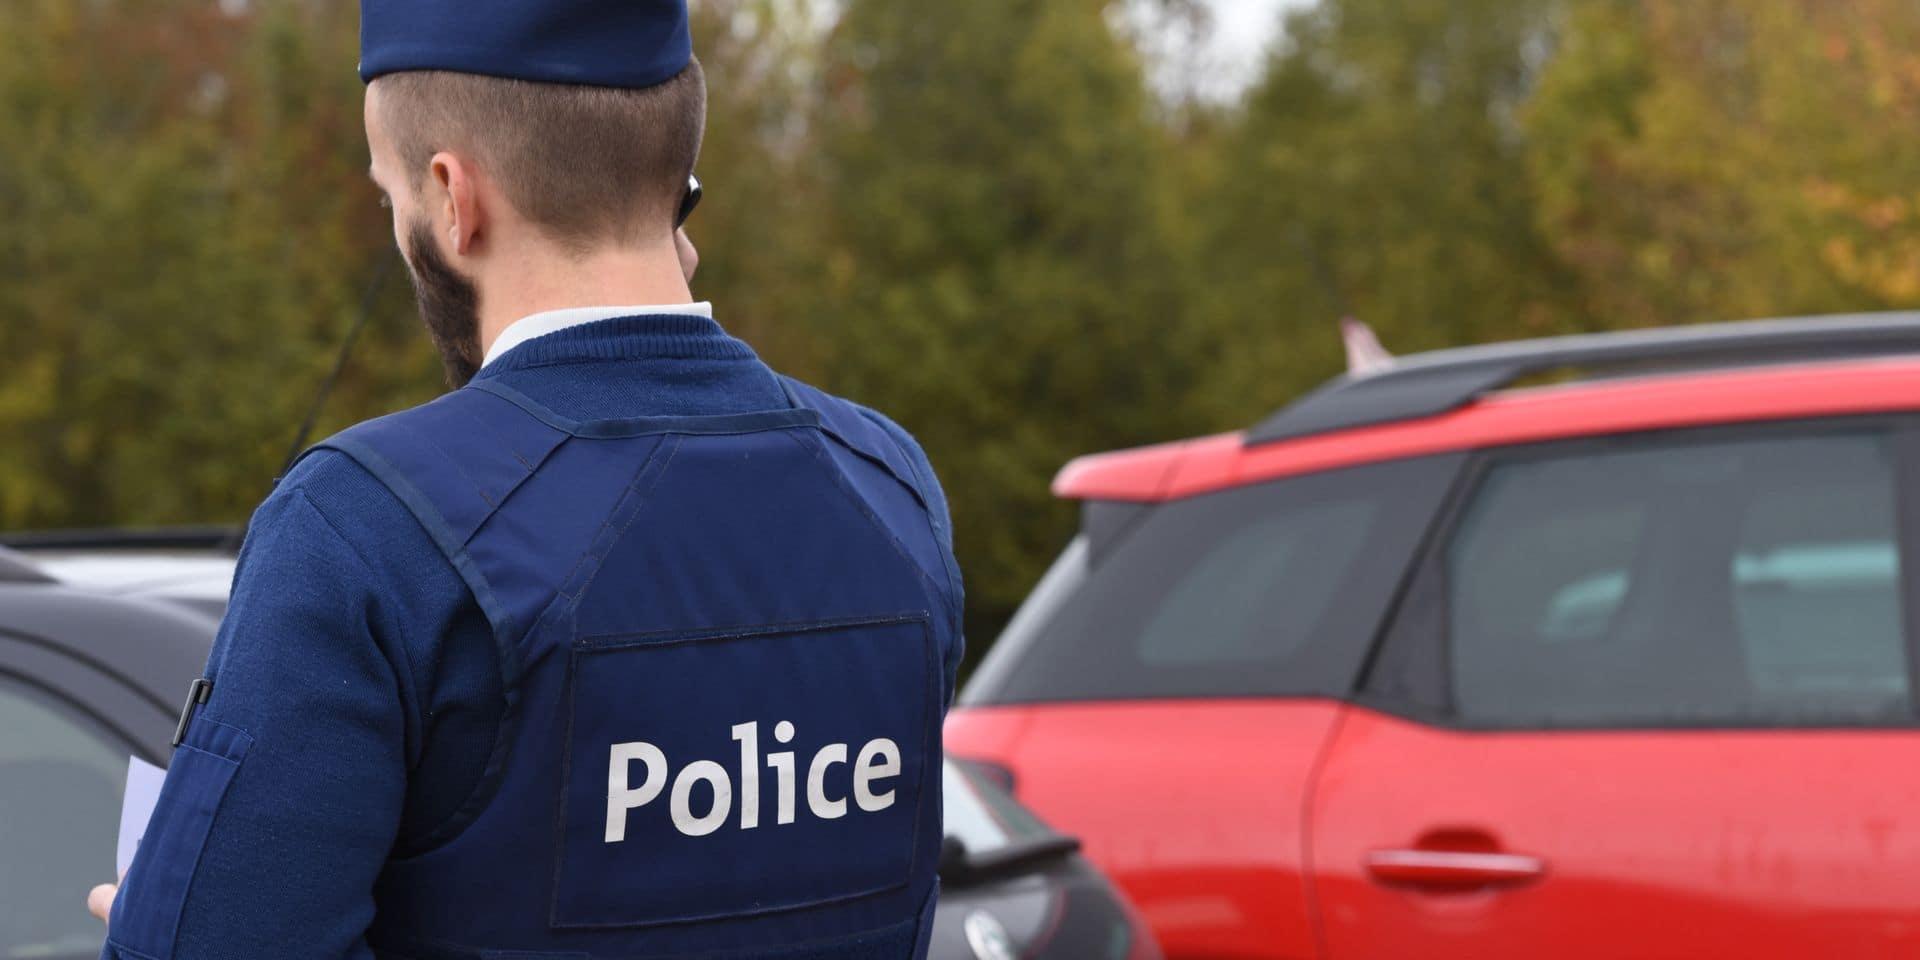 Un ex-militaire armé avait menacé la police: 15 mois avec sursis